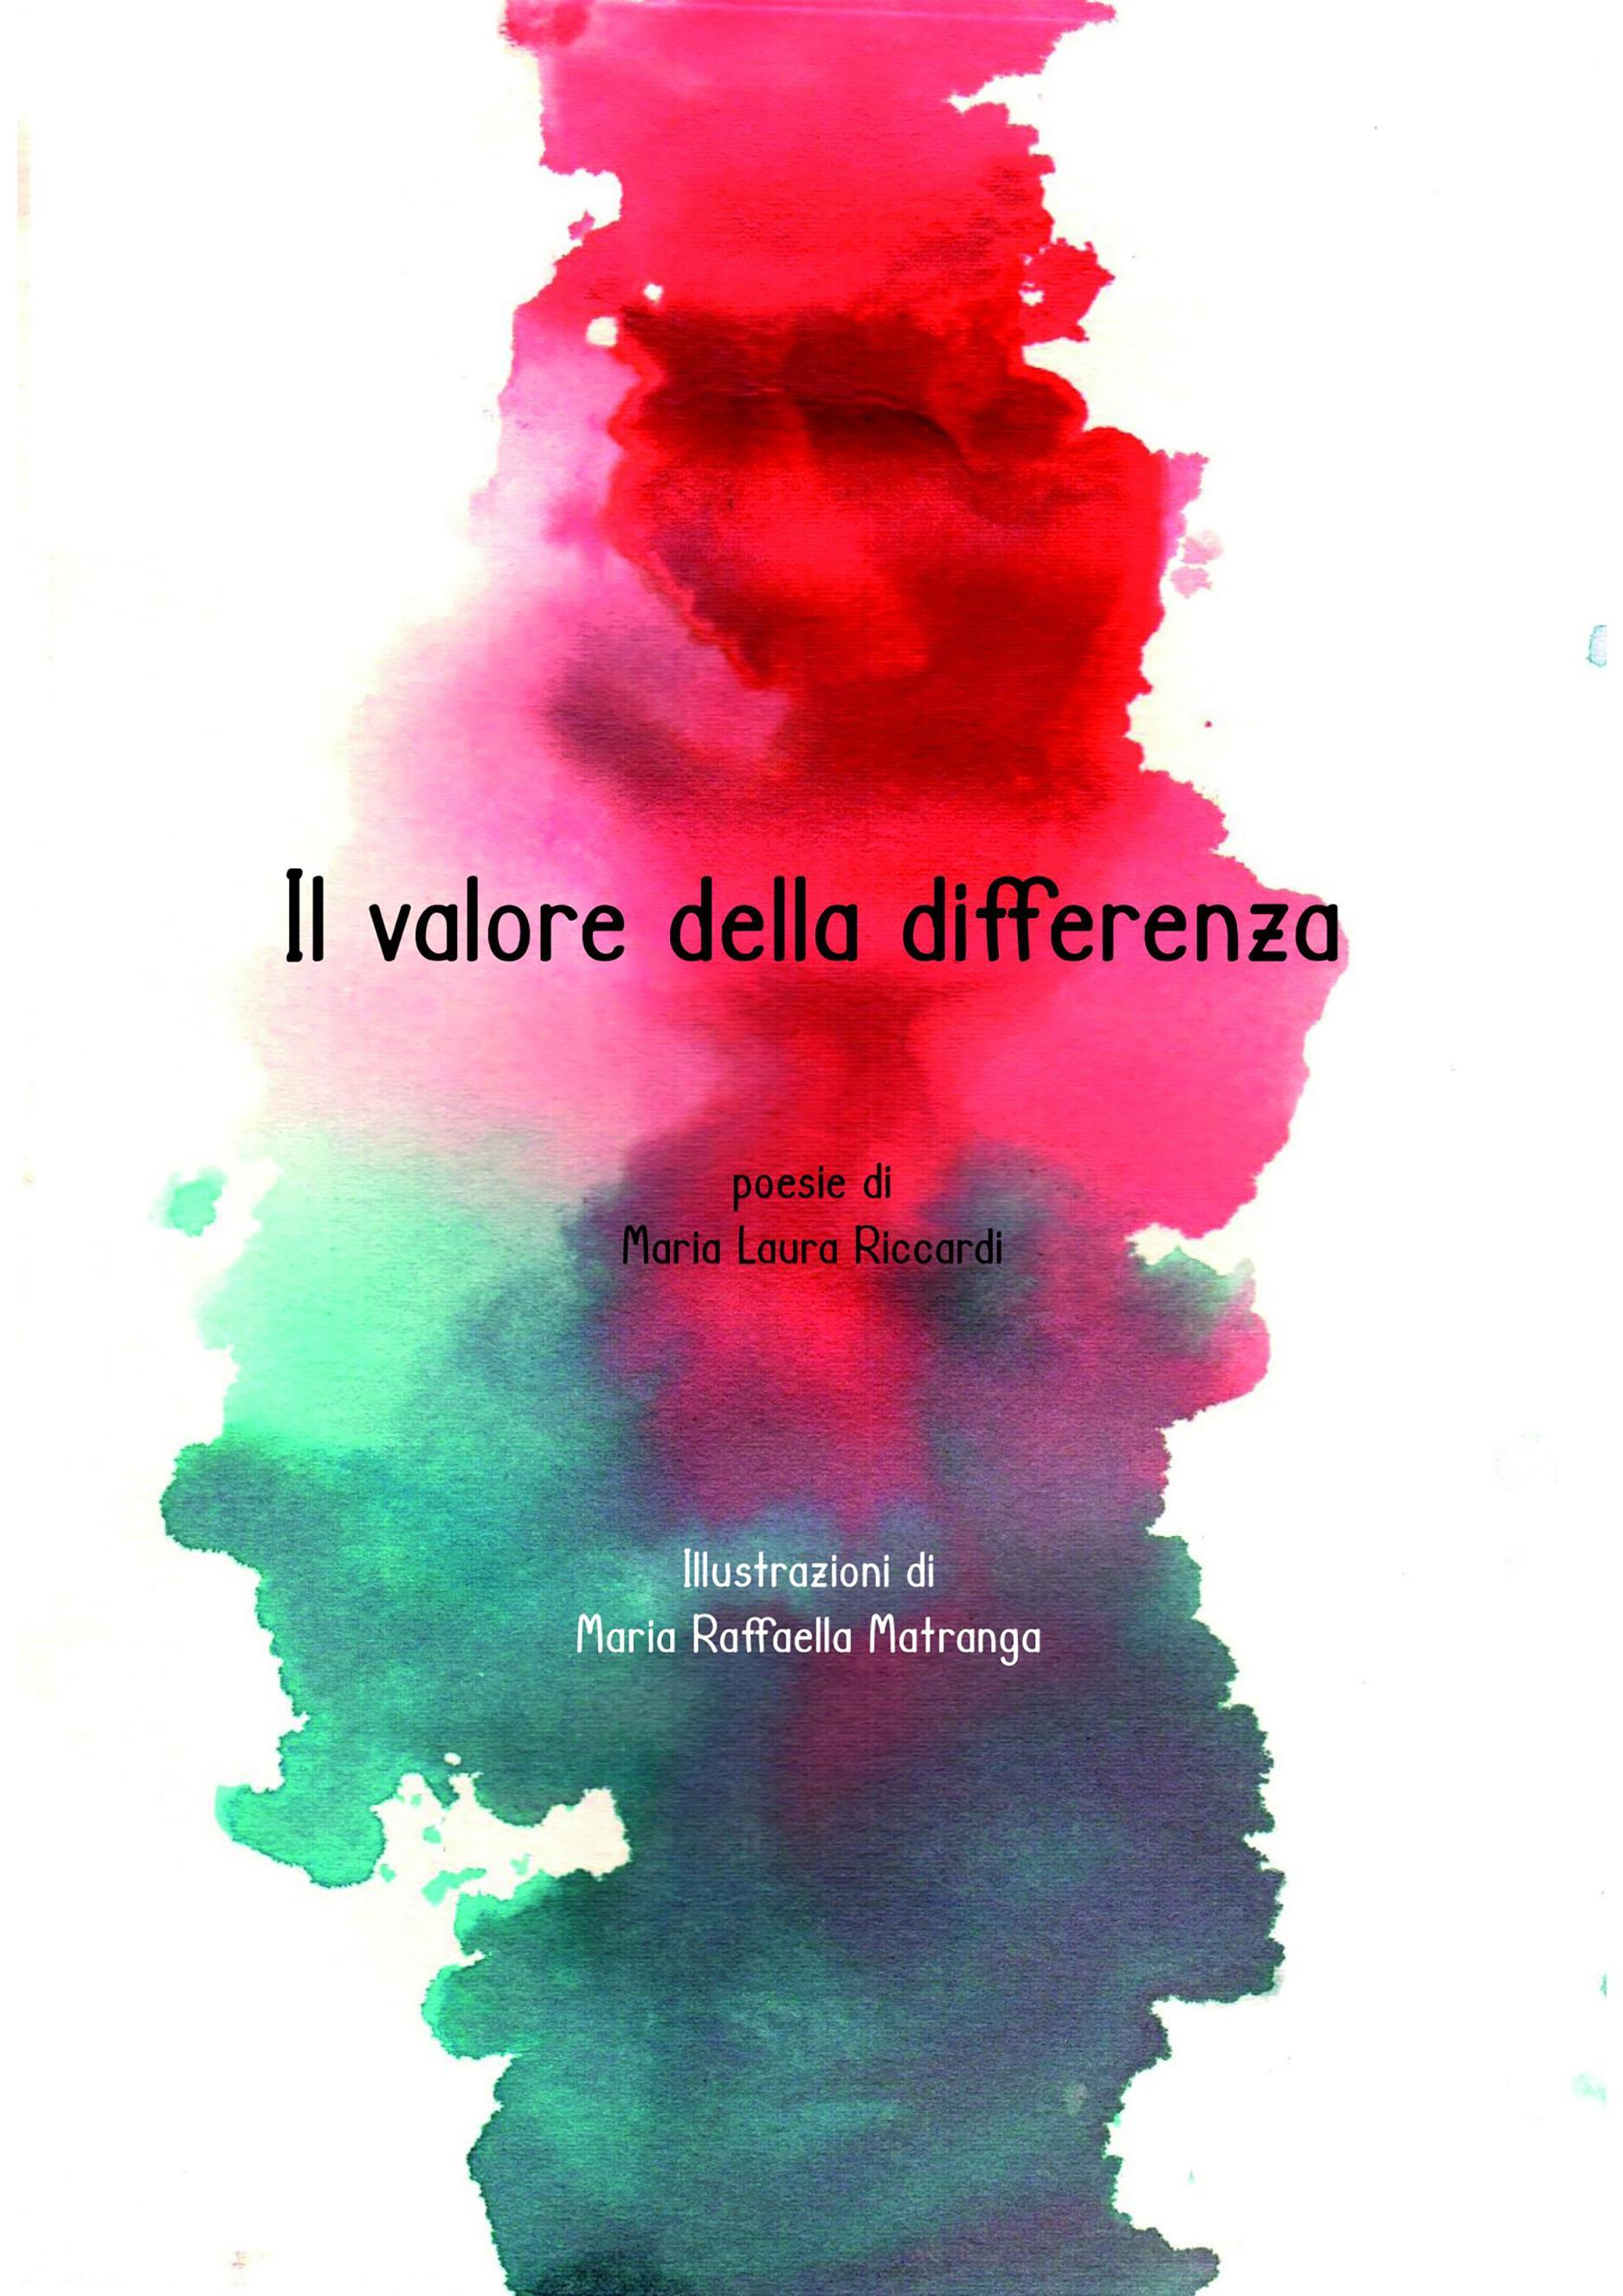 Il valore della differenza